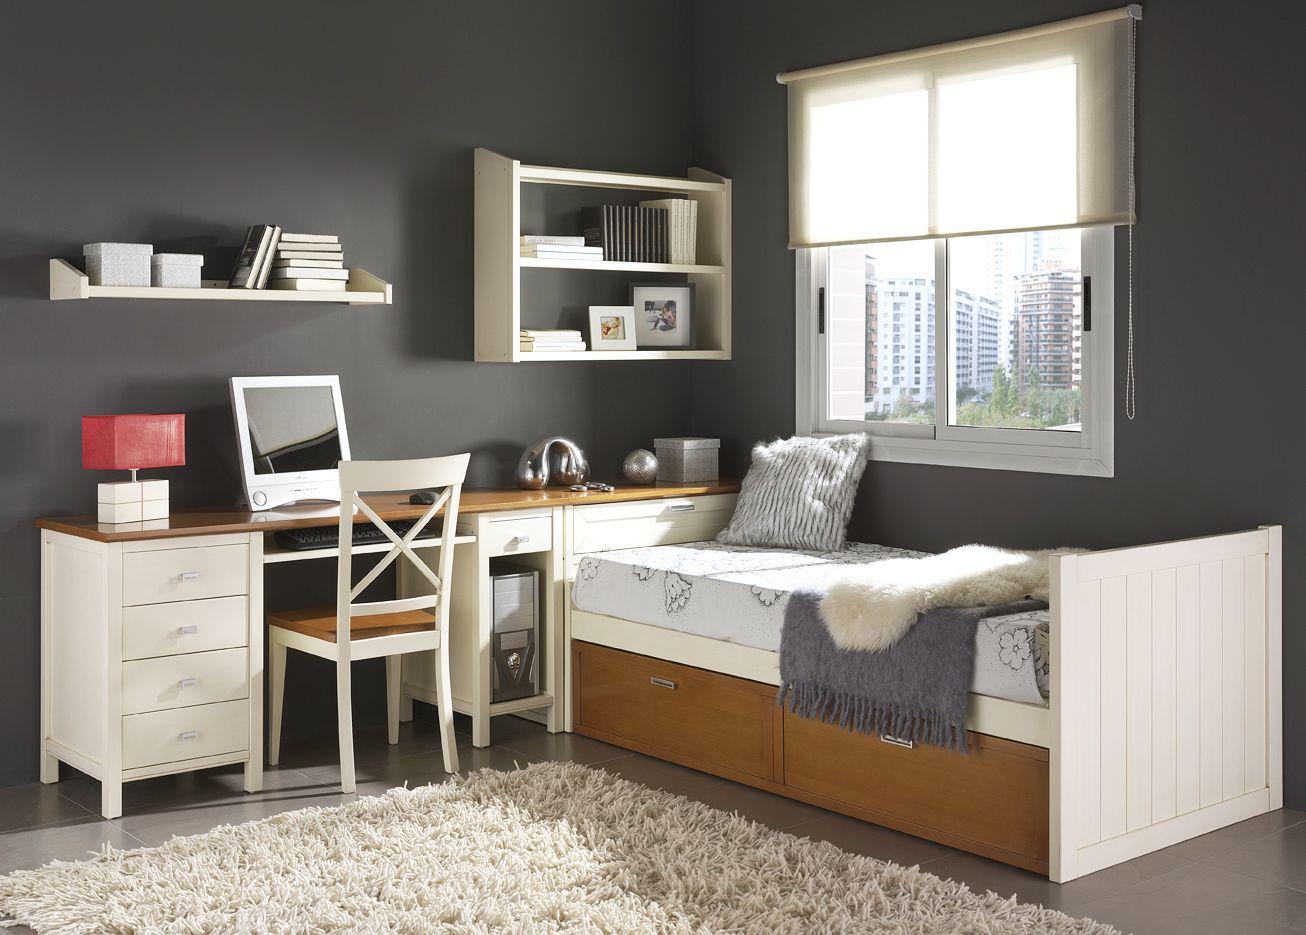 Dormitorio Juvenil de madera cama nido y con escritorio. Más info en ...